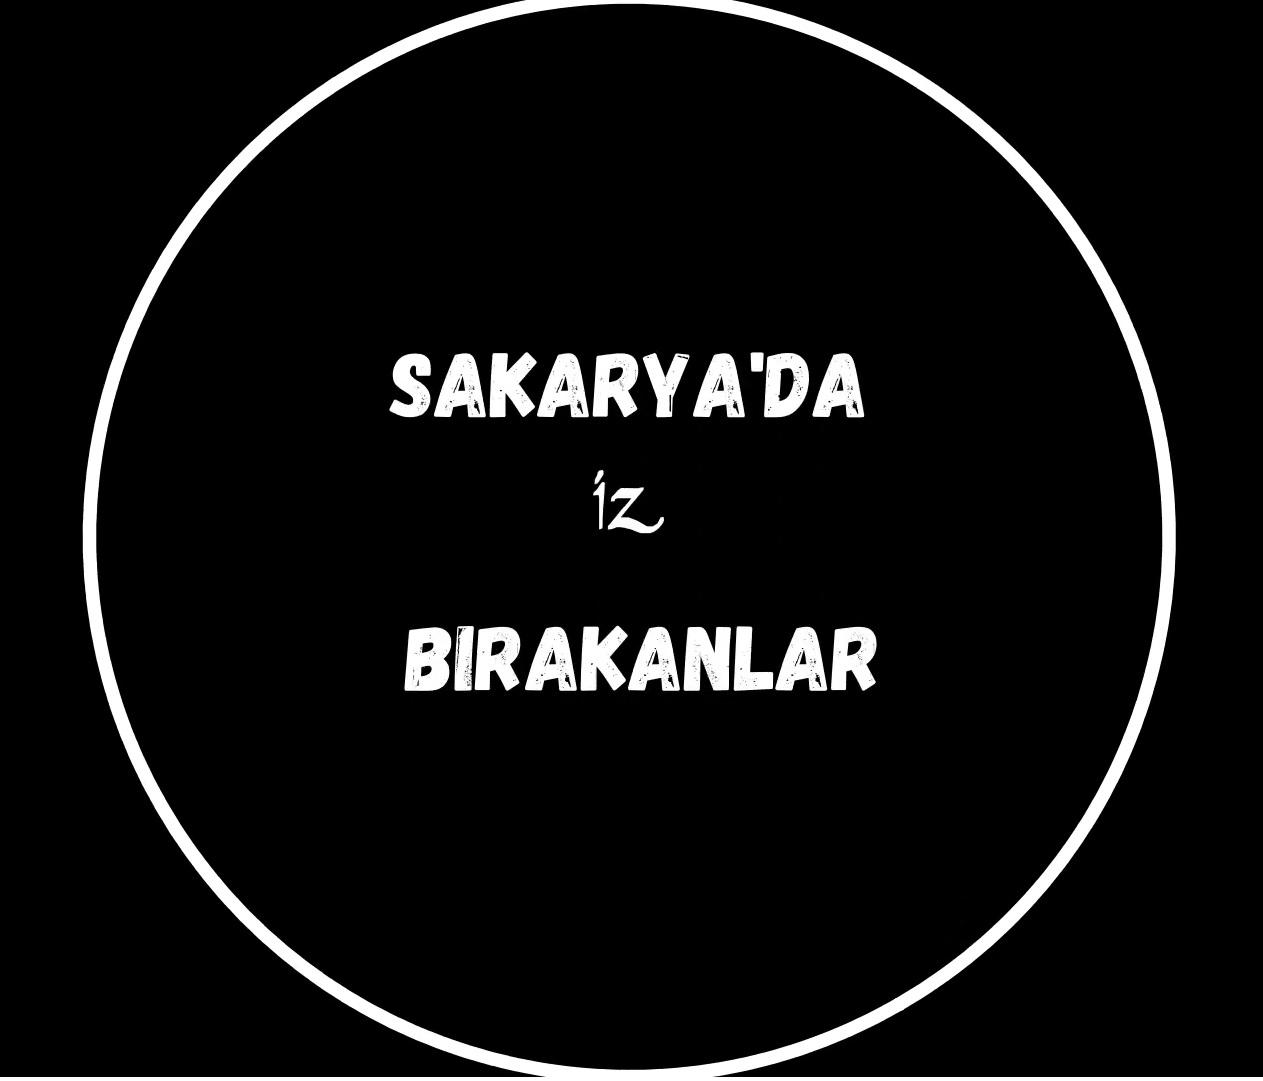 Sakarya'da İz Bırakanlar belgeseli hazırlandı